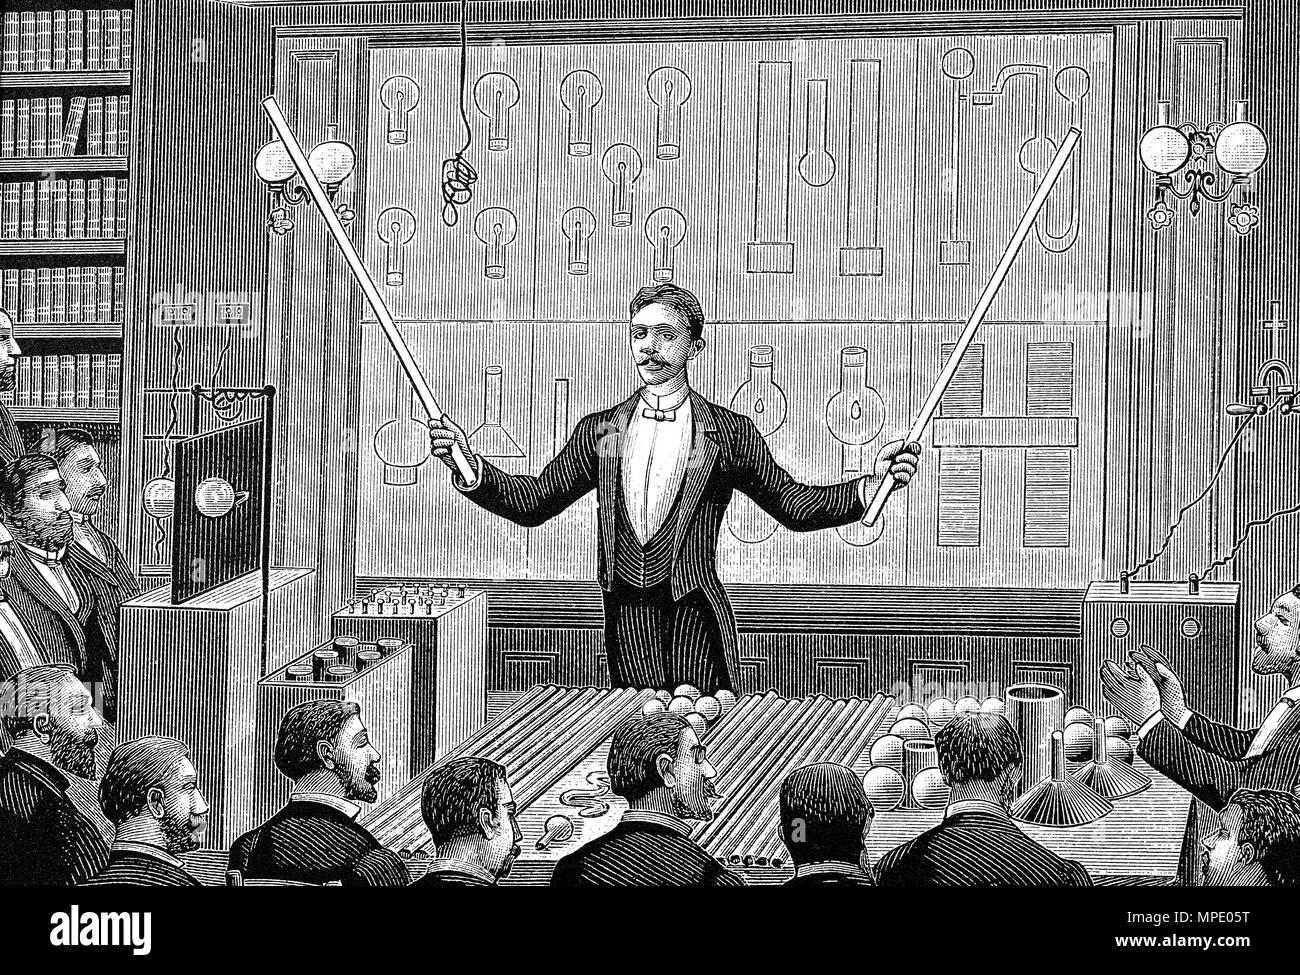 Nicola Tesla teaching woodcut engraving - Stock Image